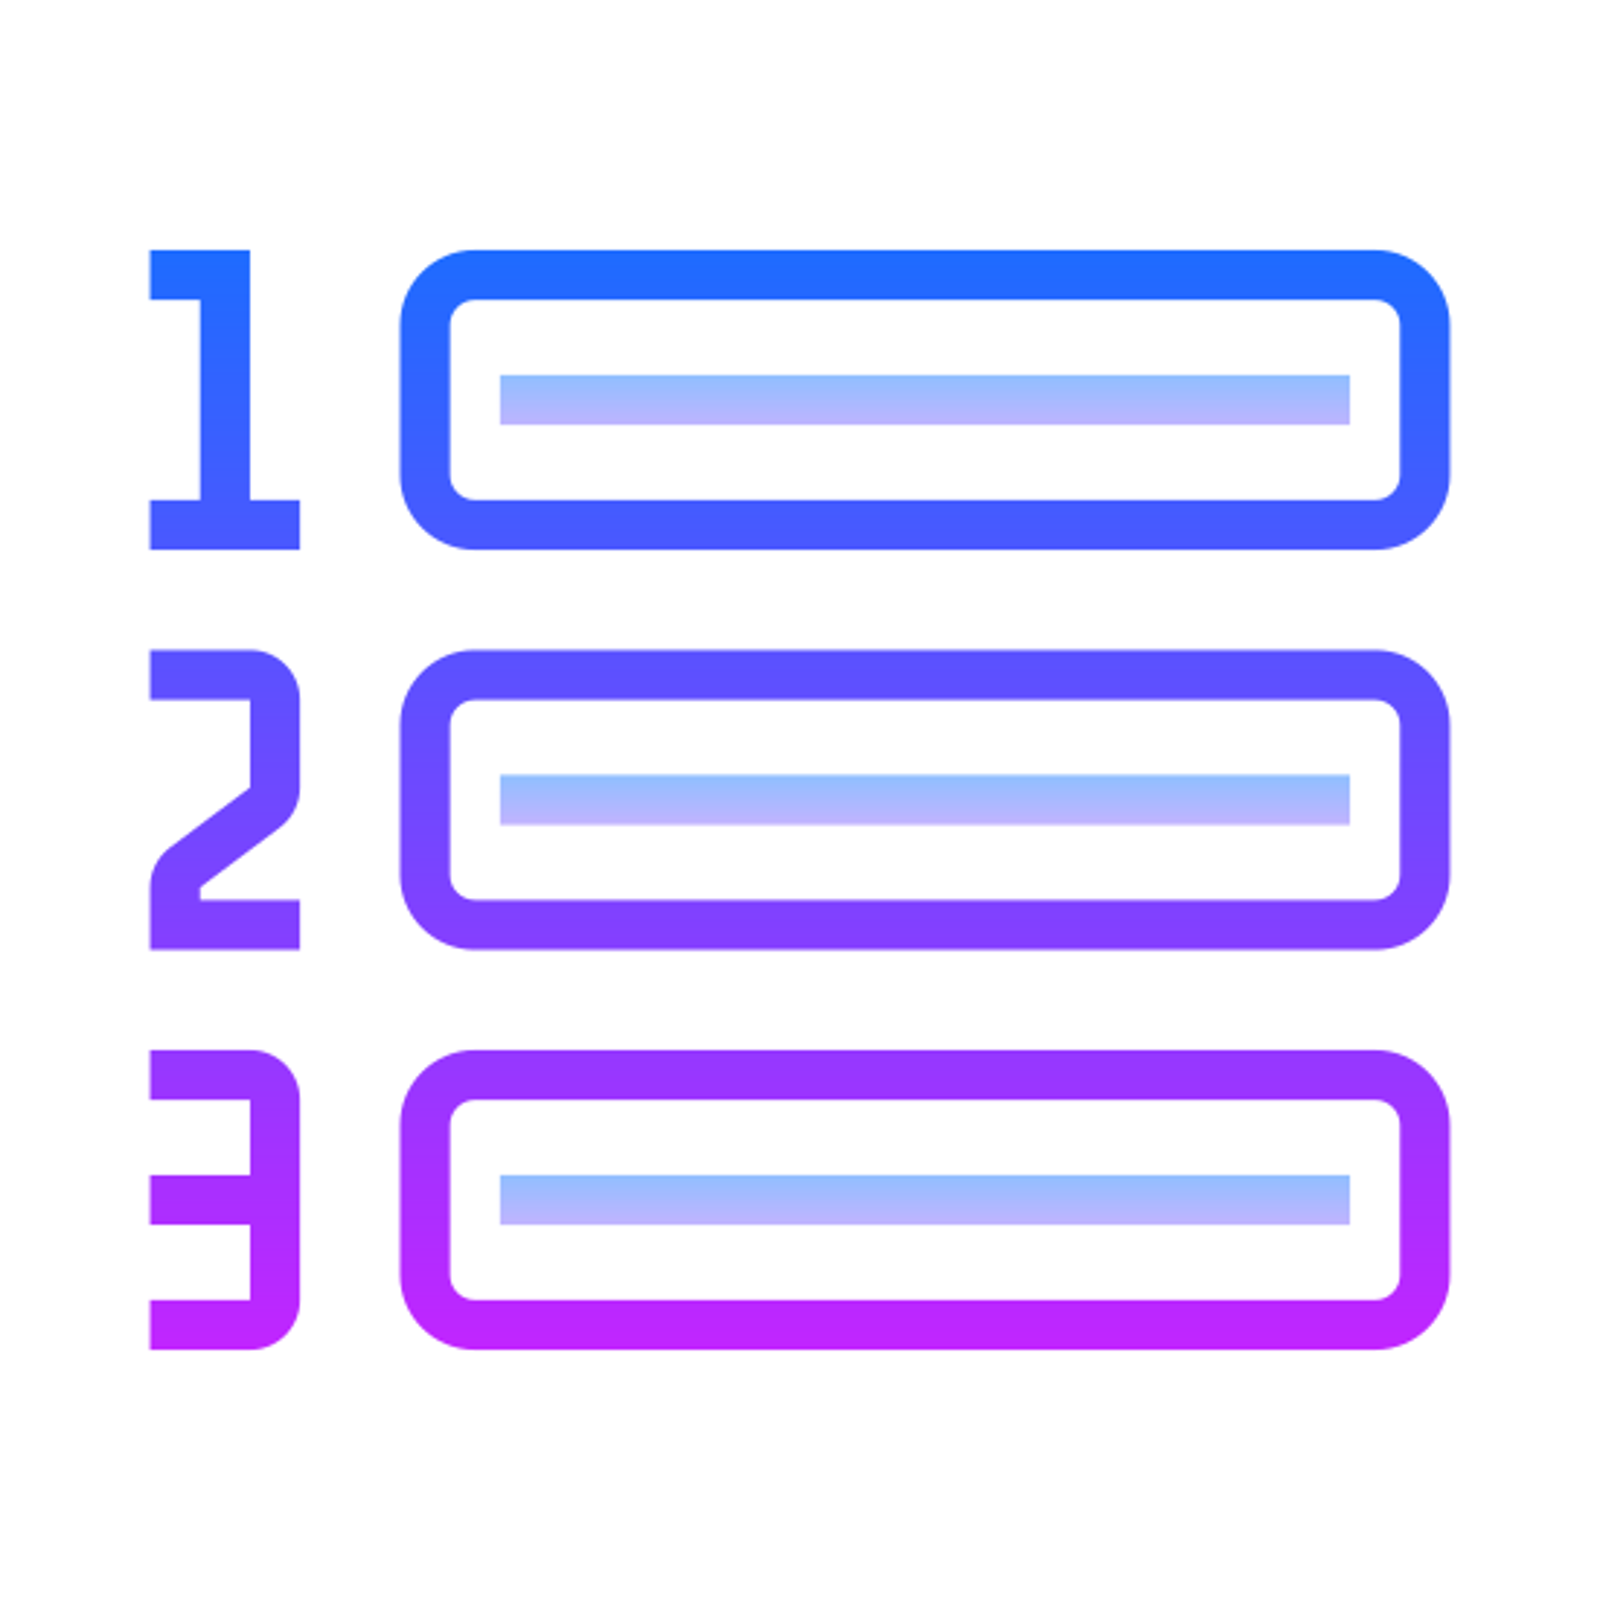 番号付きリスト icon. This icon is depicting a numbered list. Each line of the list is ordered one-through-three and is horizontally structured with a line following each number. The numbers one through three are trending downward.